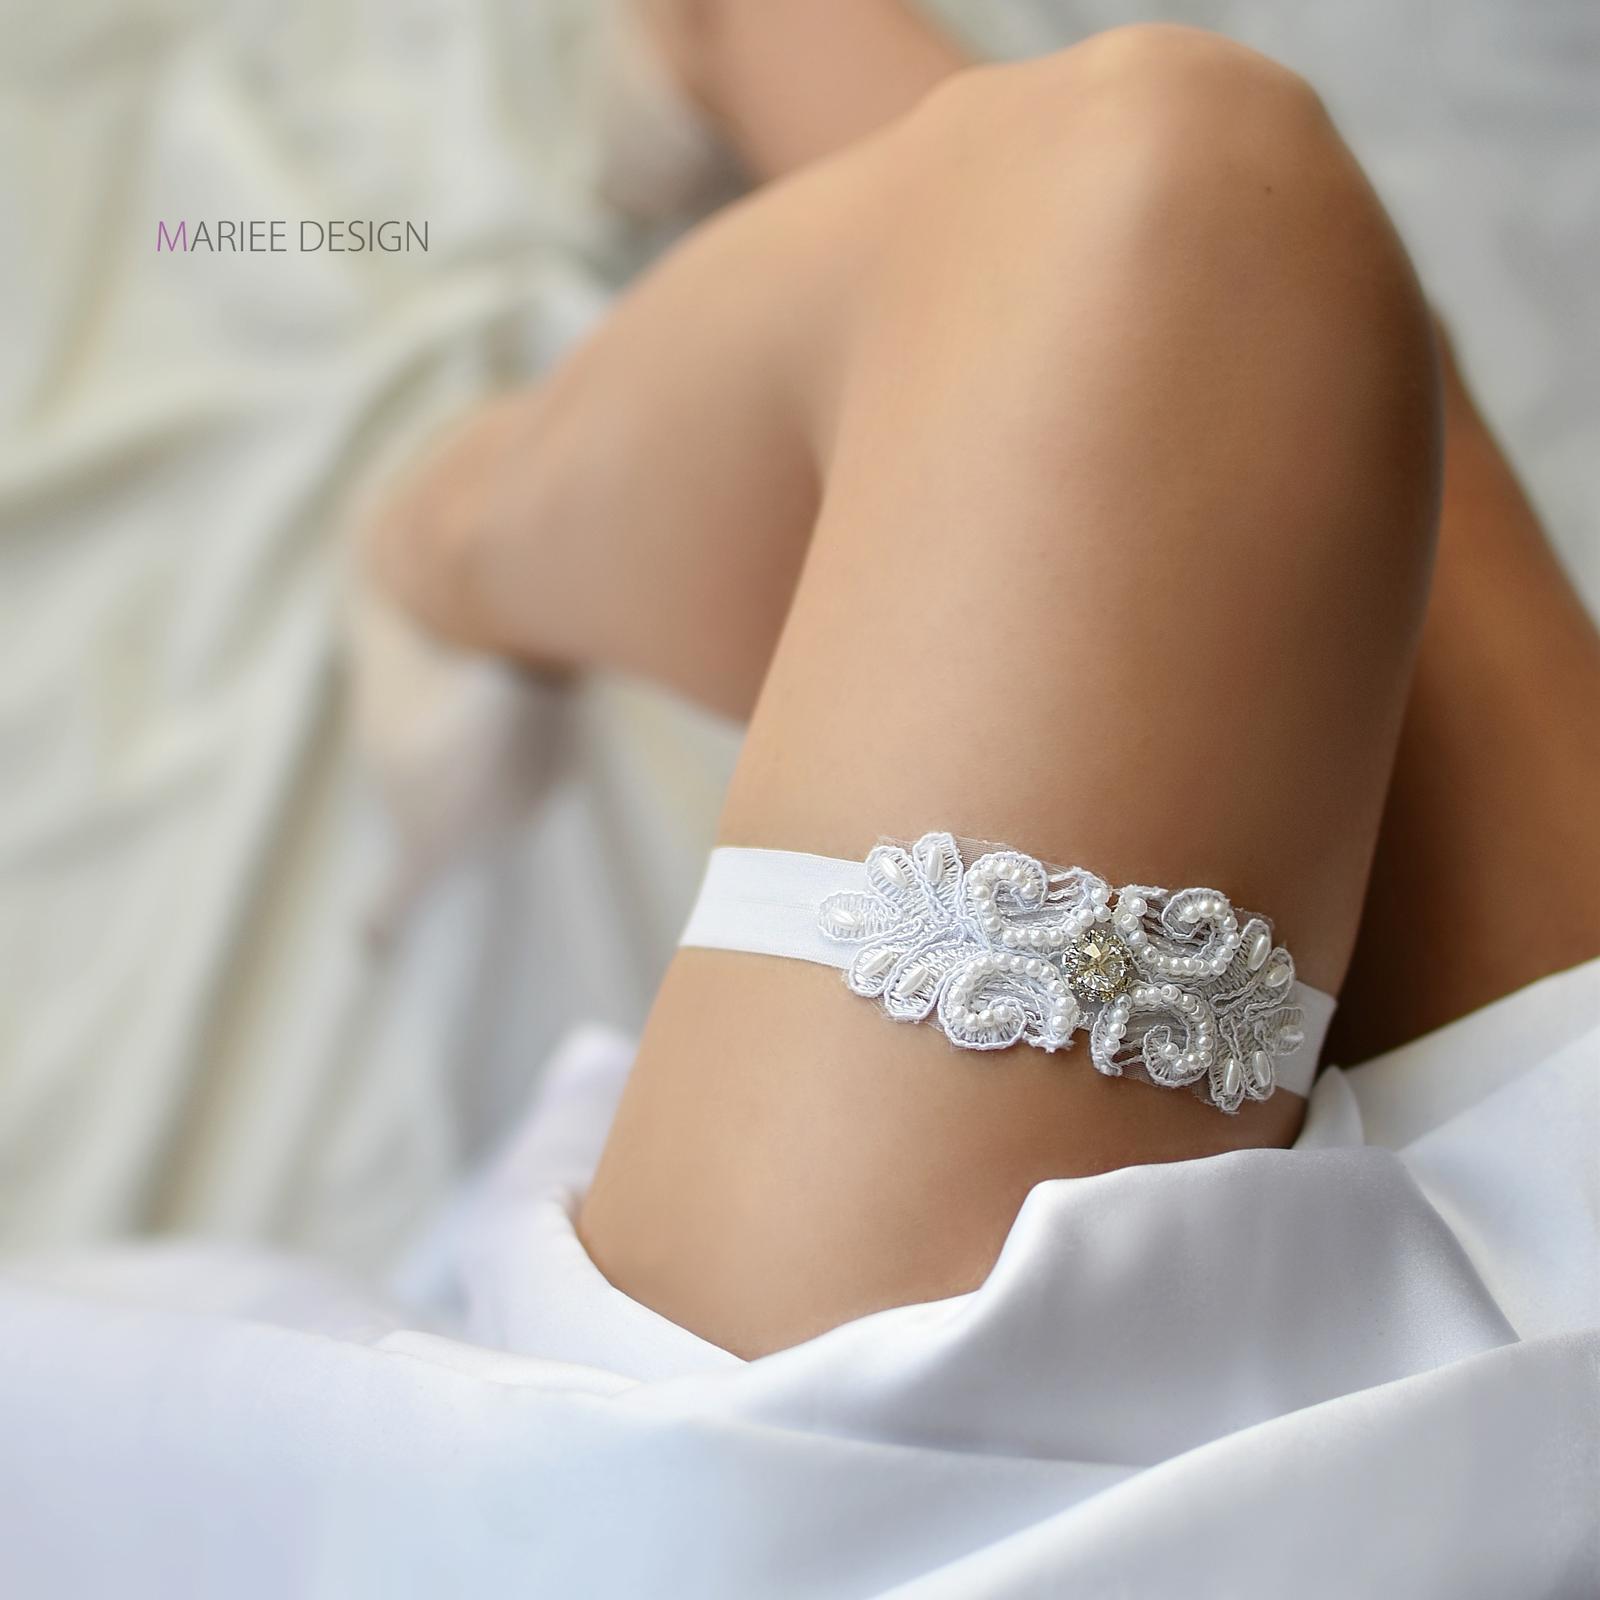 Luxusné svadobné podväzky - Obrázok č. 8